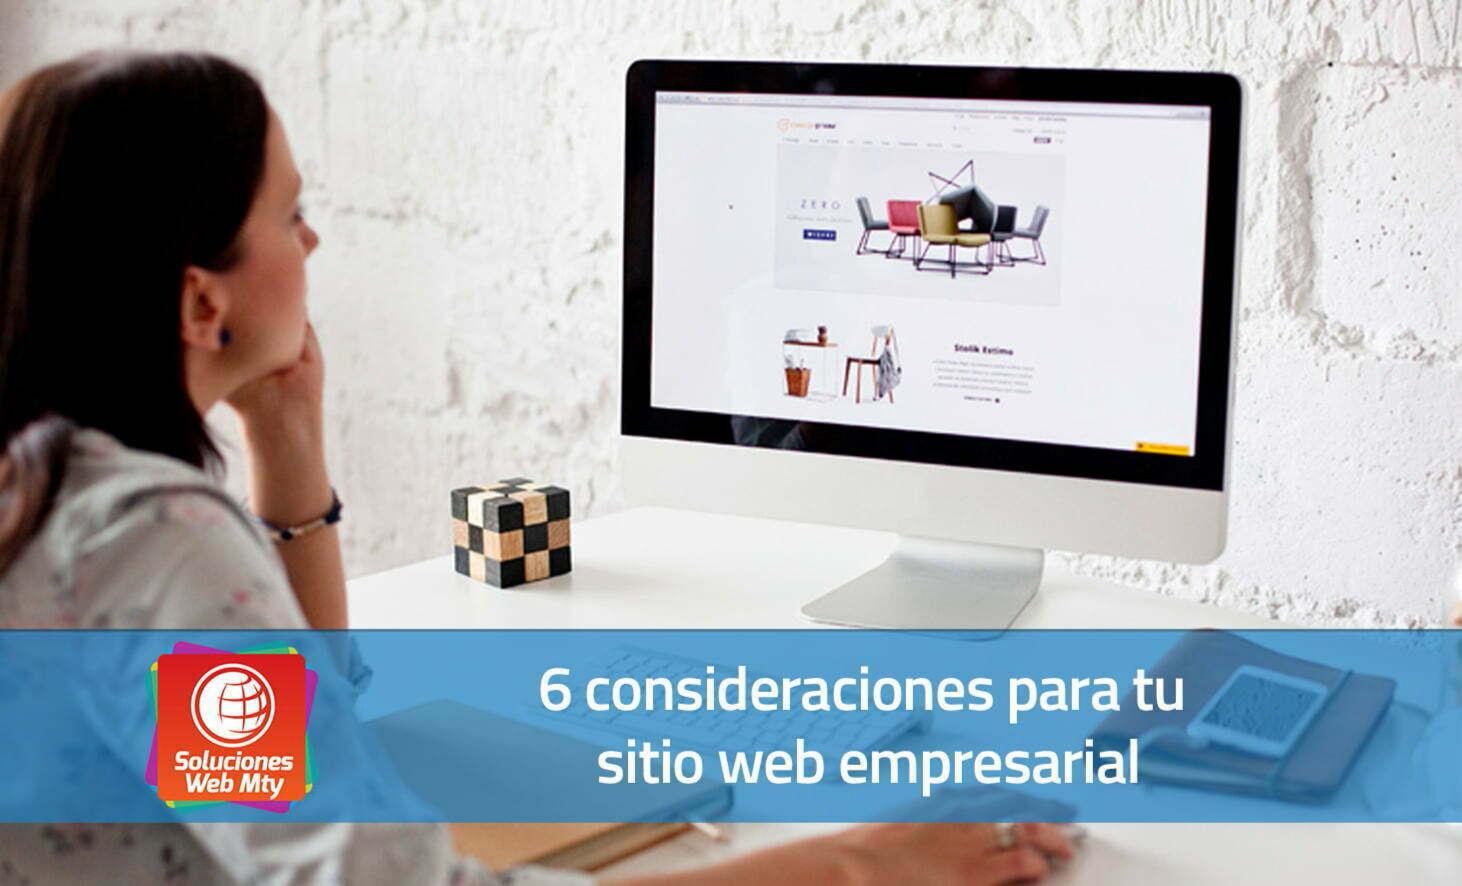 6 consideraciones para tu sitio web empresarial